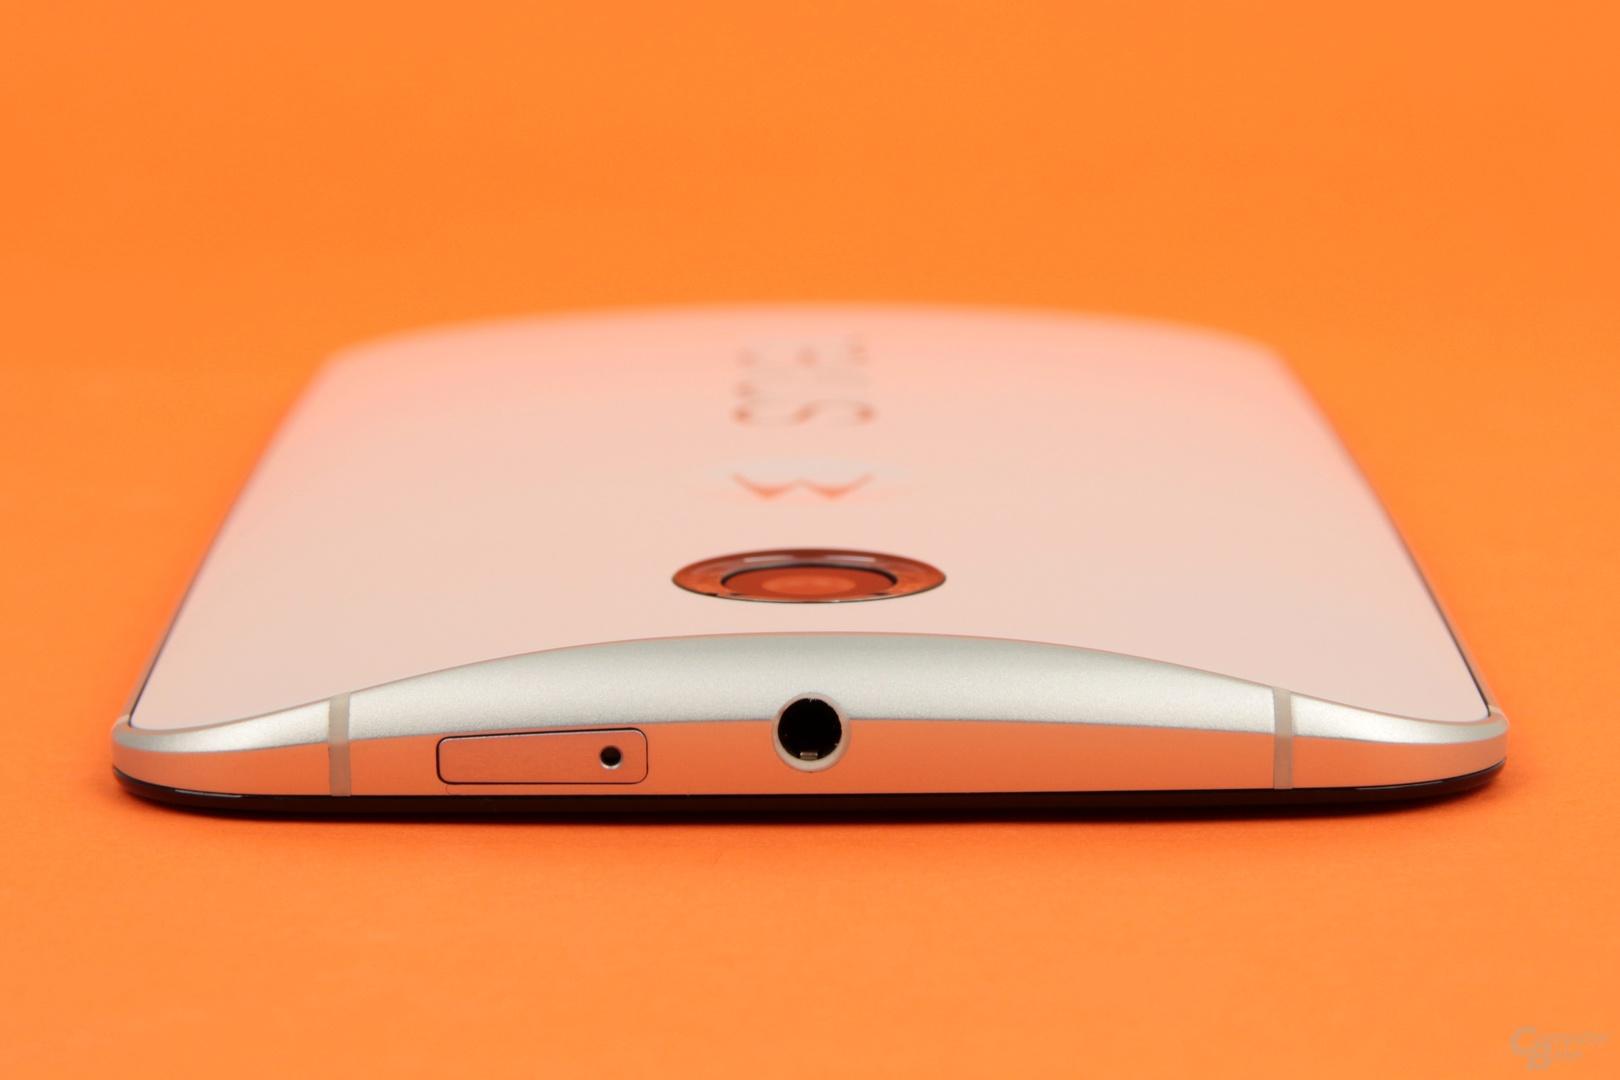 Die Rundung der Rückseite lässt das Nexus 6 gut in der Hand liegen